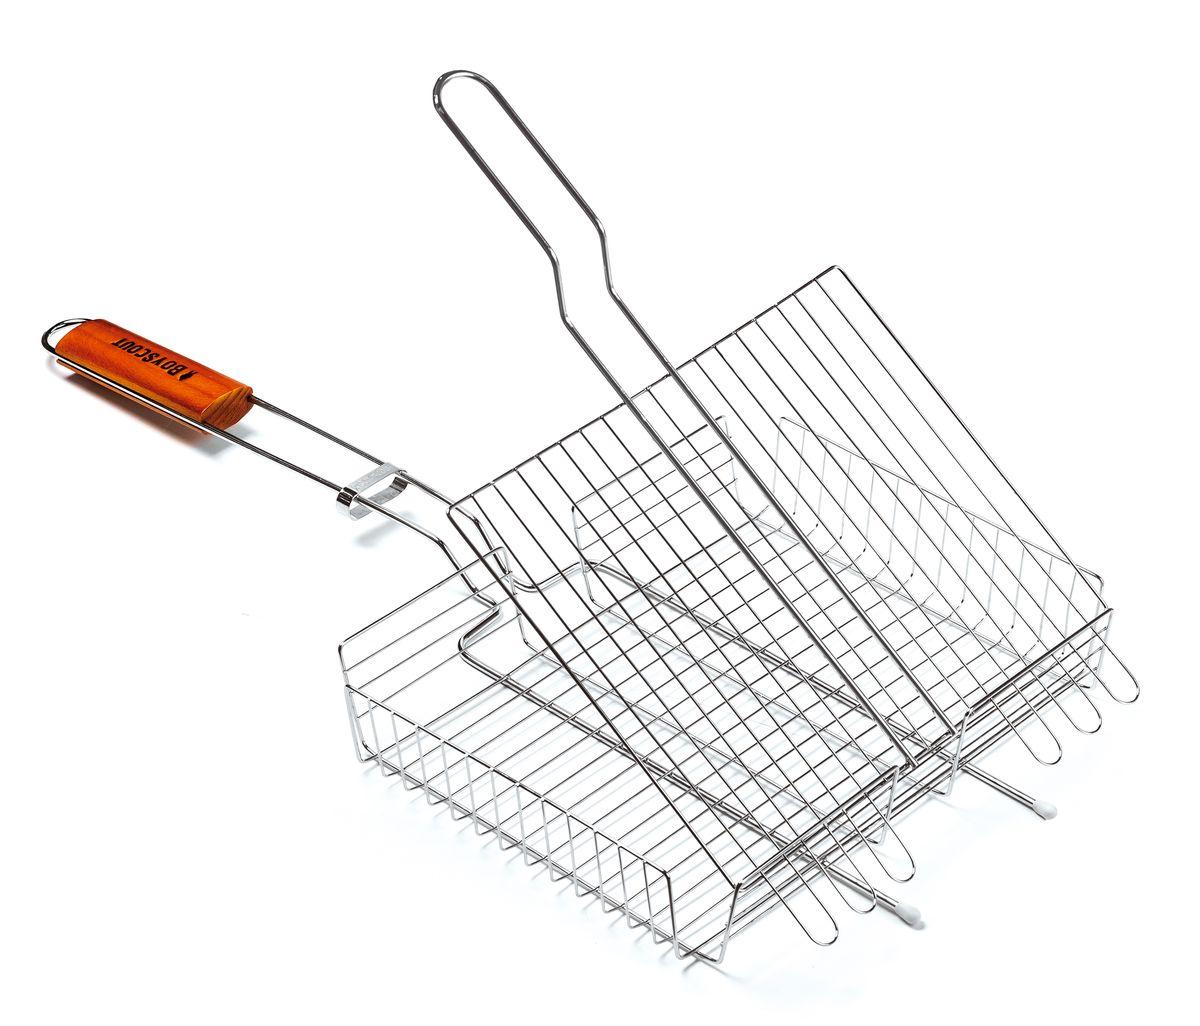 Решетка-гриль Boyscout, универсальная, 30 см х 25 смAS 25Решетка-гриль Boyscout предназначена для приготовления мяса, рыбы, птицы, овощей на открытом воздухе. Изготовлена из высококачественной стали с пищевым хромированным покрытием. Идеально подходит для мангалов и барбекю.Решетка имеет широкое фиксирующее кольцо на ручке, что обеспечивает надежную фиксацию. Специальная деревянная рукоятка предохраняет от ожогов, а также удобна для обхвата двумя руками, что позволяет легко переворачивать решетку.Размер решетки: 30 см x 25 см.Высота решетки: 4,5 см.